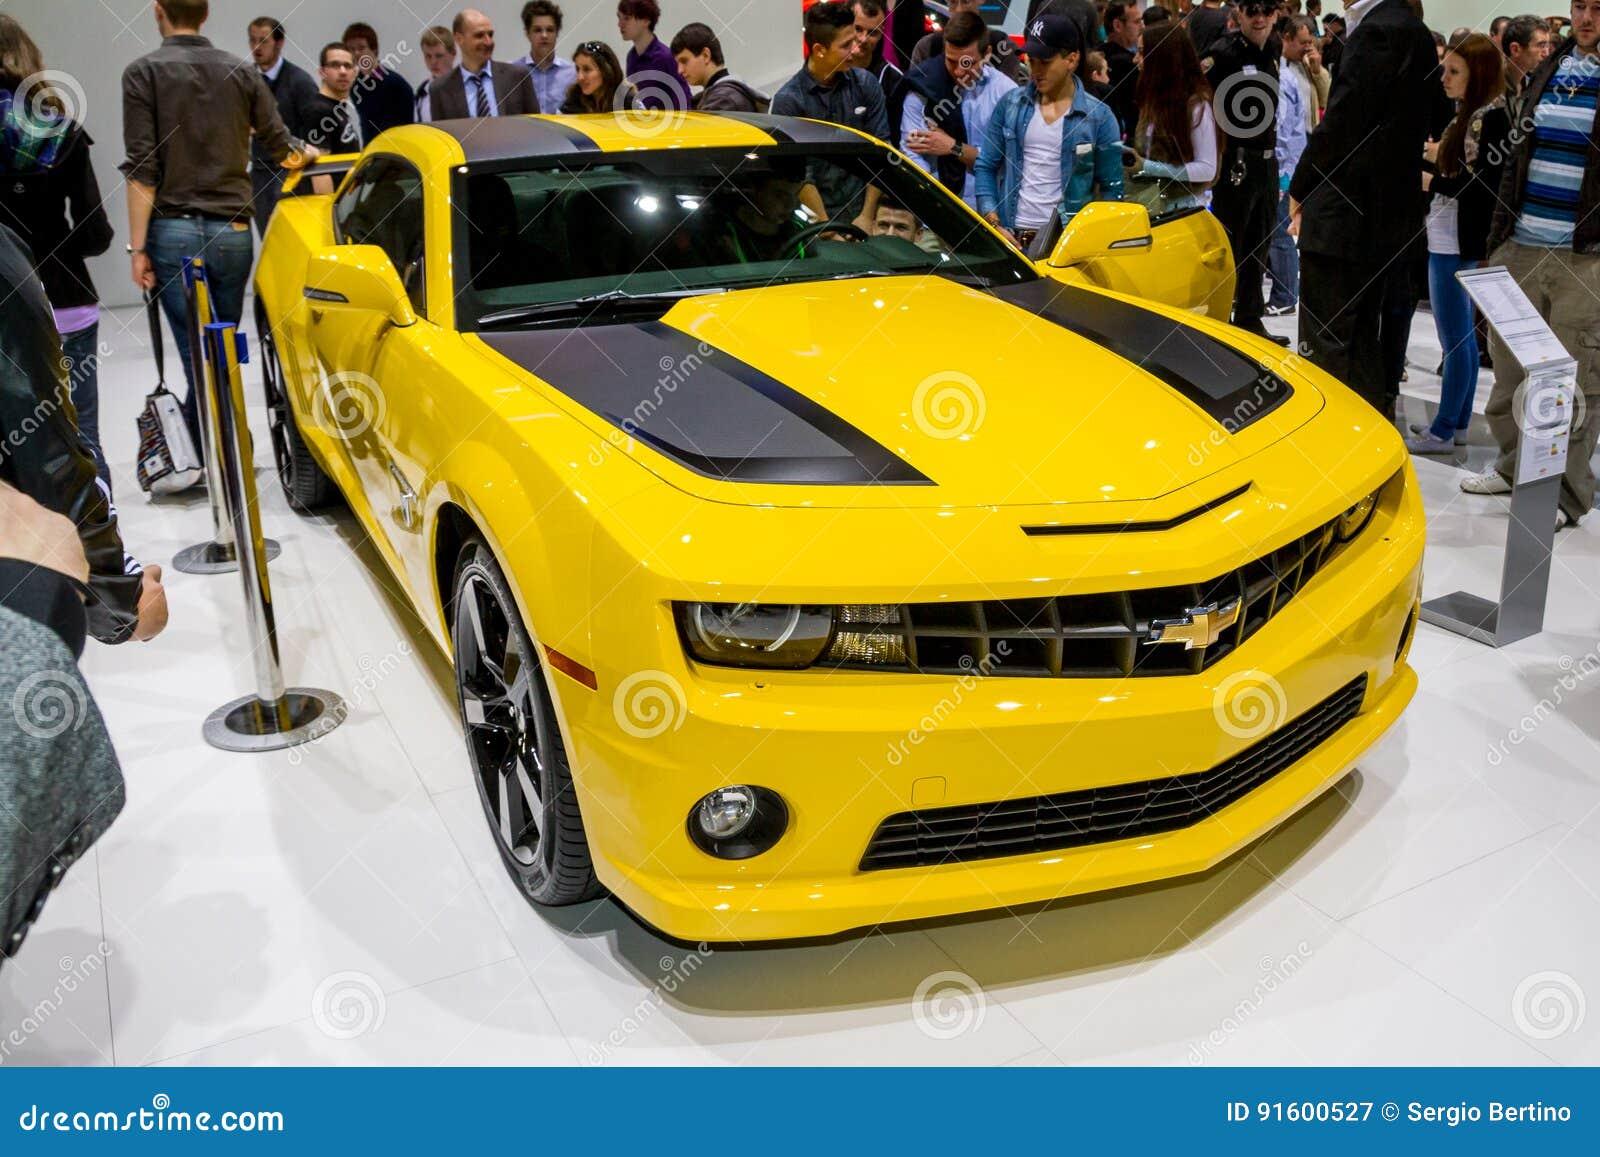 Желтый Корвет на дисплее на мотор-шоу